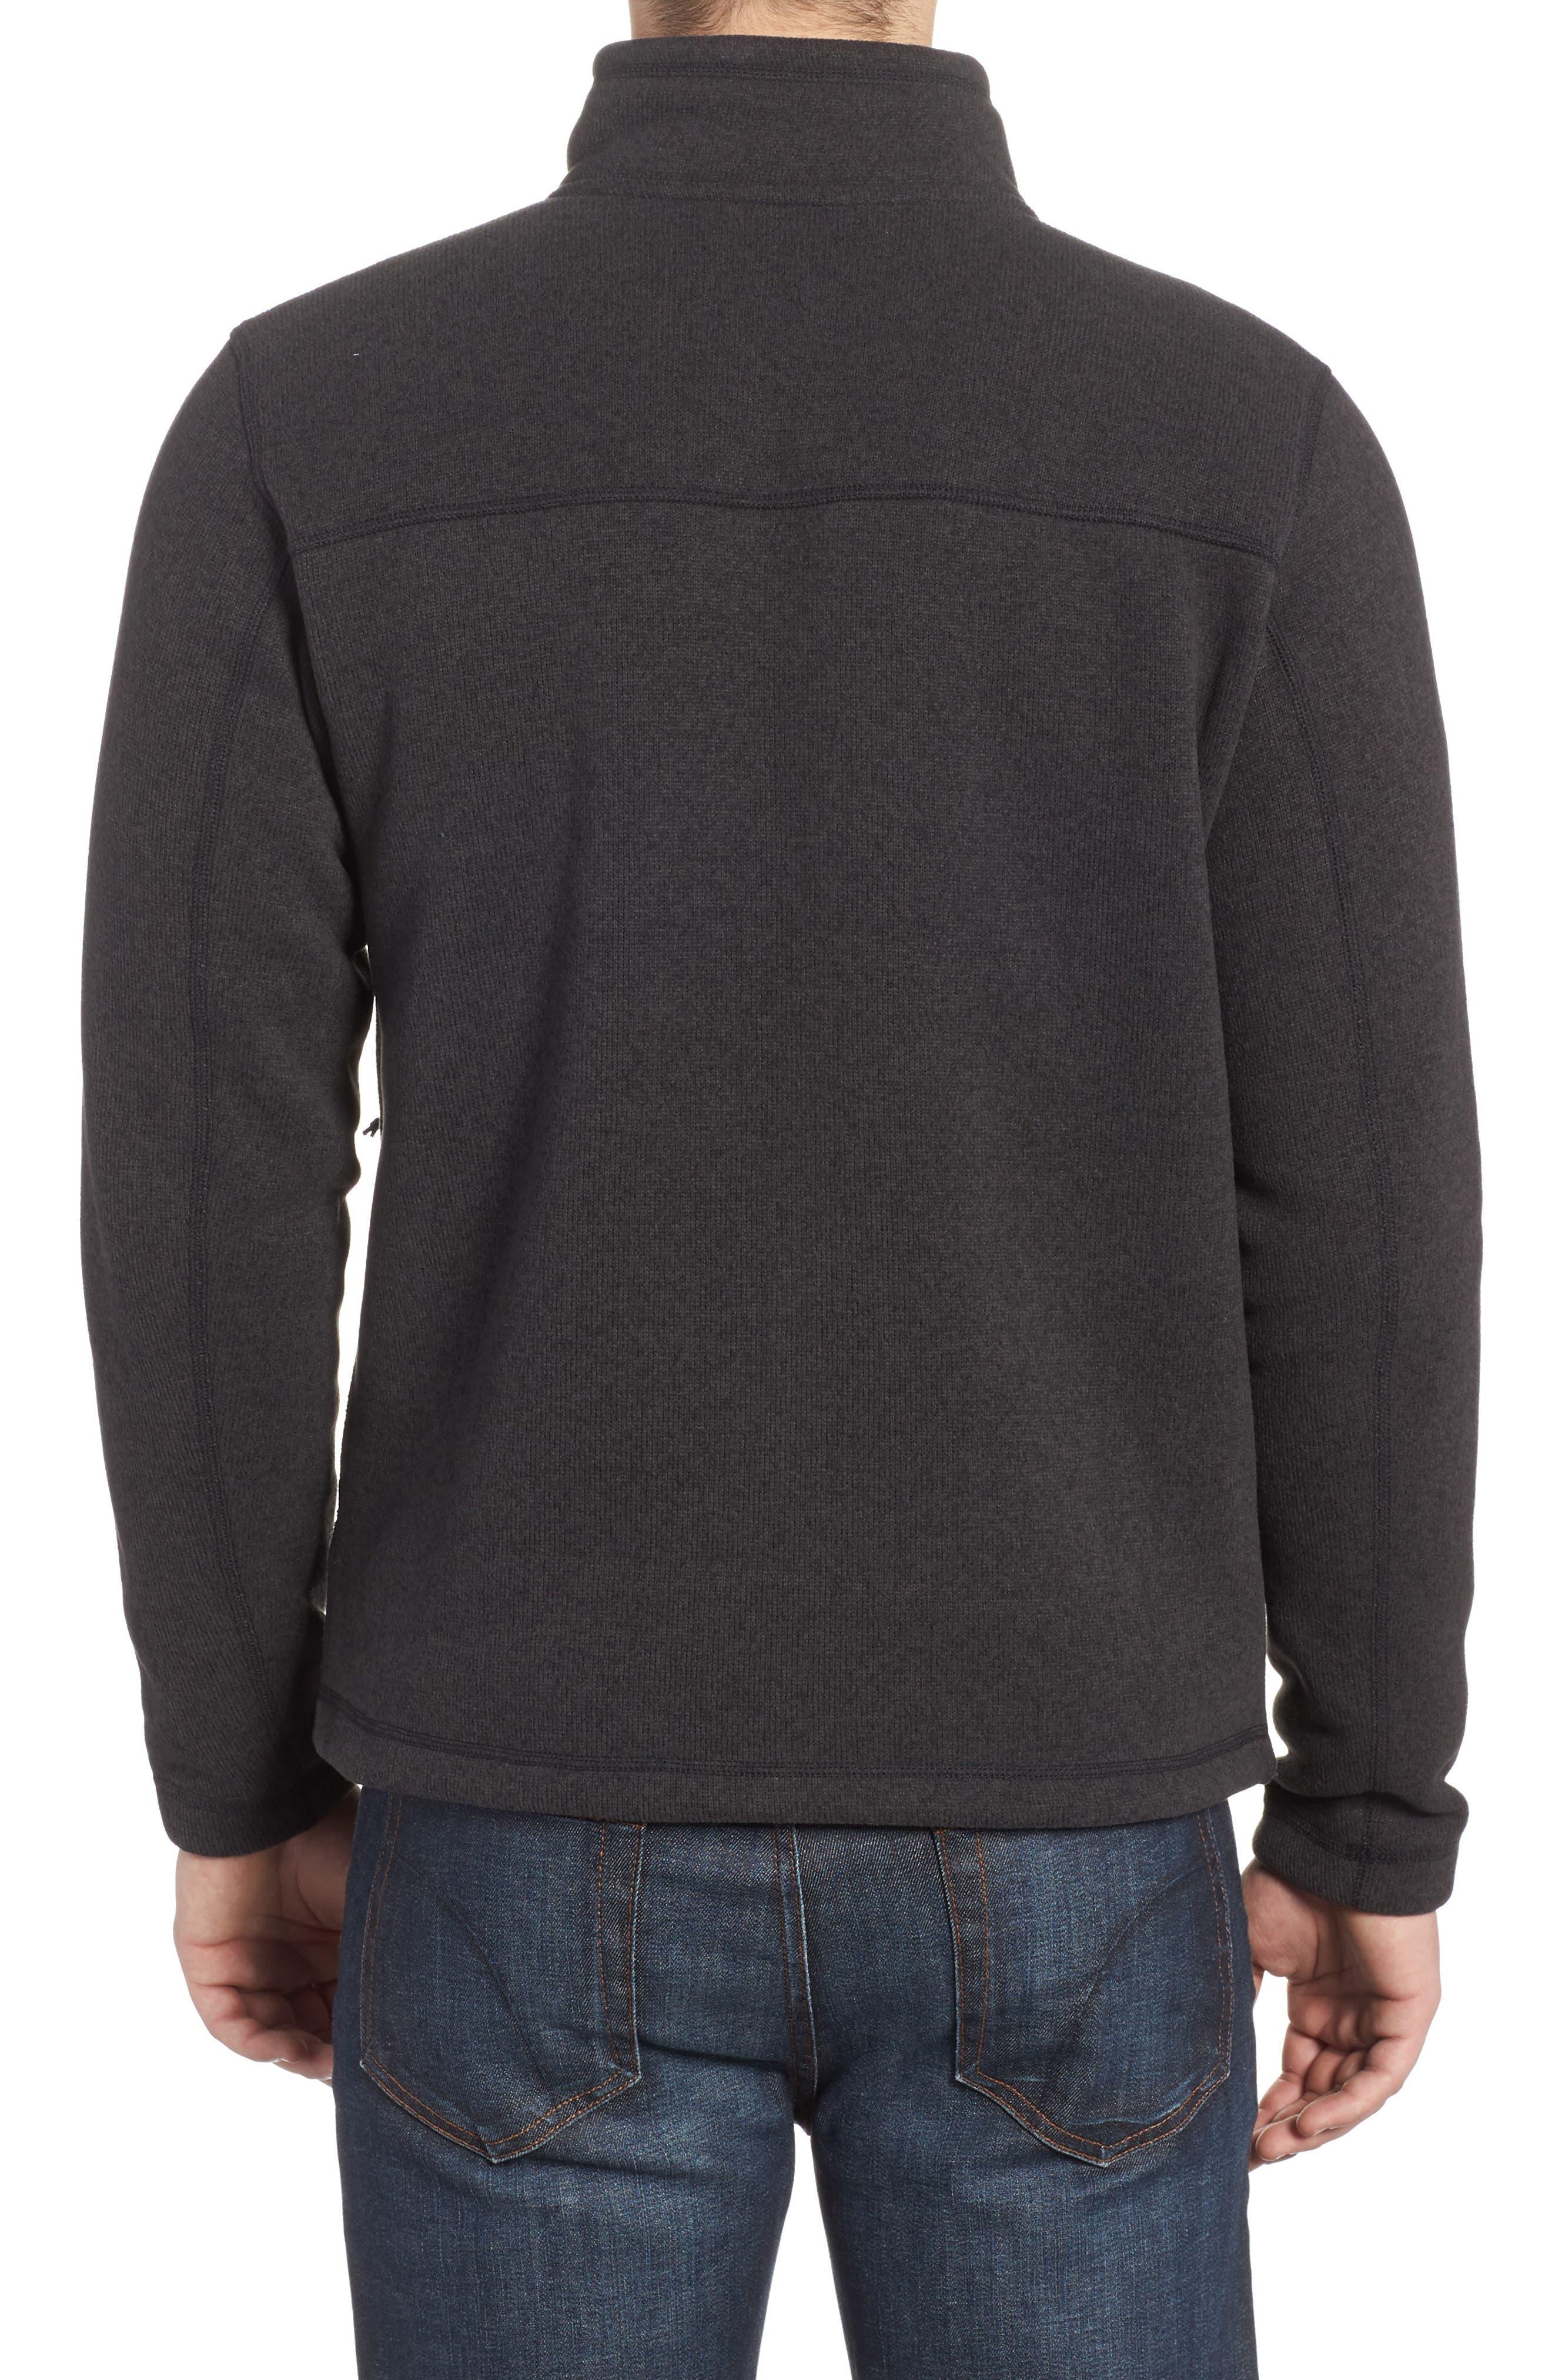 'Gordon Lyons' Zip Fleece Jacket,                             Alternate thumbnail 2, color,                             BLACK HEATHER